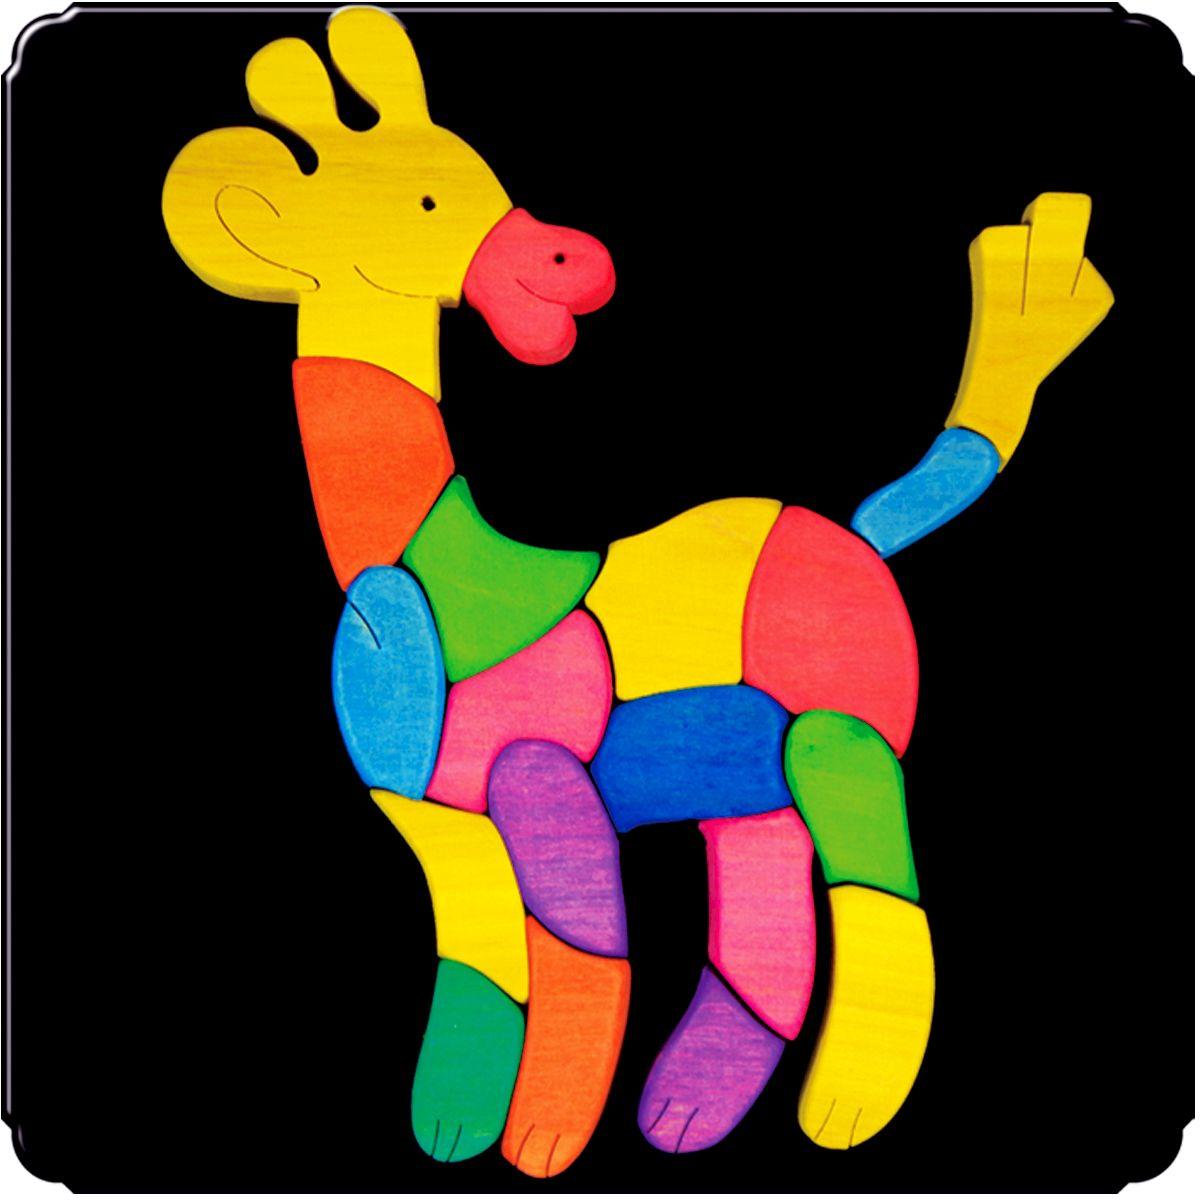 Деревяшкино Пазл для малышей Жираф111Красочная игрушка-головоломка из натурального дерева на магнитной доске. Незаменима в машине, поездке – в любом месте, где Вашему малышу удобно играть. Удивительный мир ярких красок и фантазий везде с Вами! Каждая деталька мозаики крепко держится на магнитной доске. Ваш юный фантазер сможет не только решить сложную задачу: собрать головоломку как на картинке, но и, используя фантазию, сможет создать уникальные и неповторимые композиции. Объединяйте несколько наборов – будет интереснее! Все детали выполнены из натурального дерева, окрашены безопасной пищевой краской. Деревянные игрушки дают возможность ощутить структуру, плотность, вес, запах материала. Ребенок получает правдивую информацию об окружающем мире. Развивает: мелкую моторику, абстрактное и логическое мышление, понимание цветов, геометрических форм. Методические рекомендации: объясните малышу почему детальки держатся на доске. Объясните как правильно собрать мозаику, но не помогайте в трудных местах. Попросите ребенка...